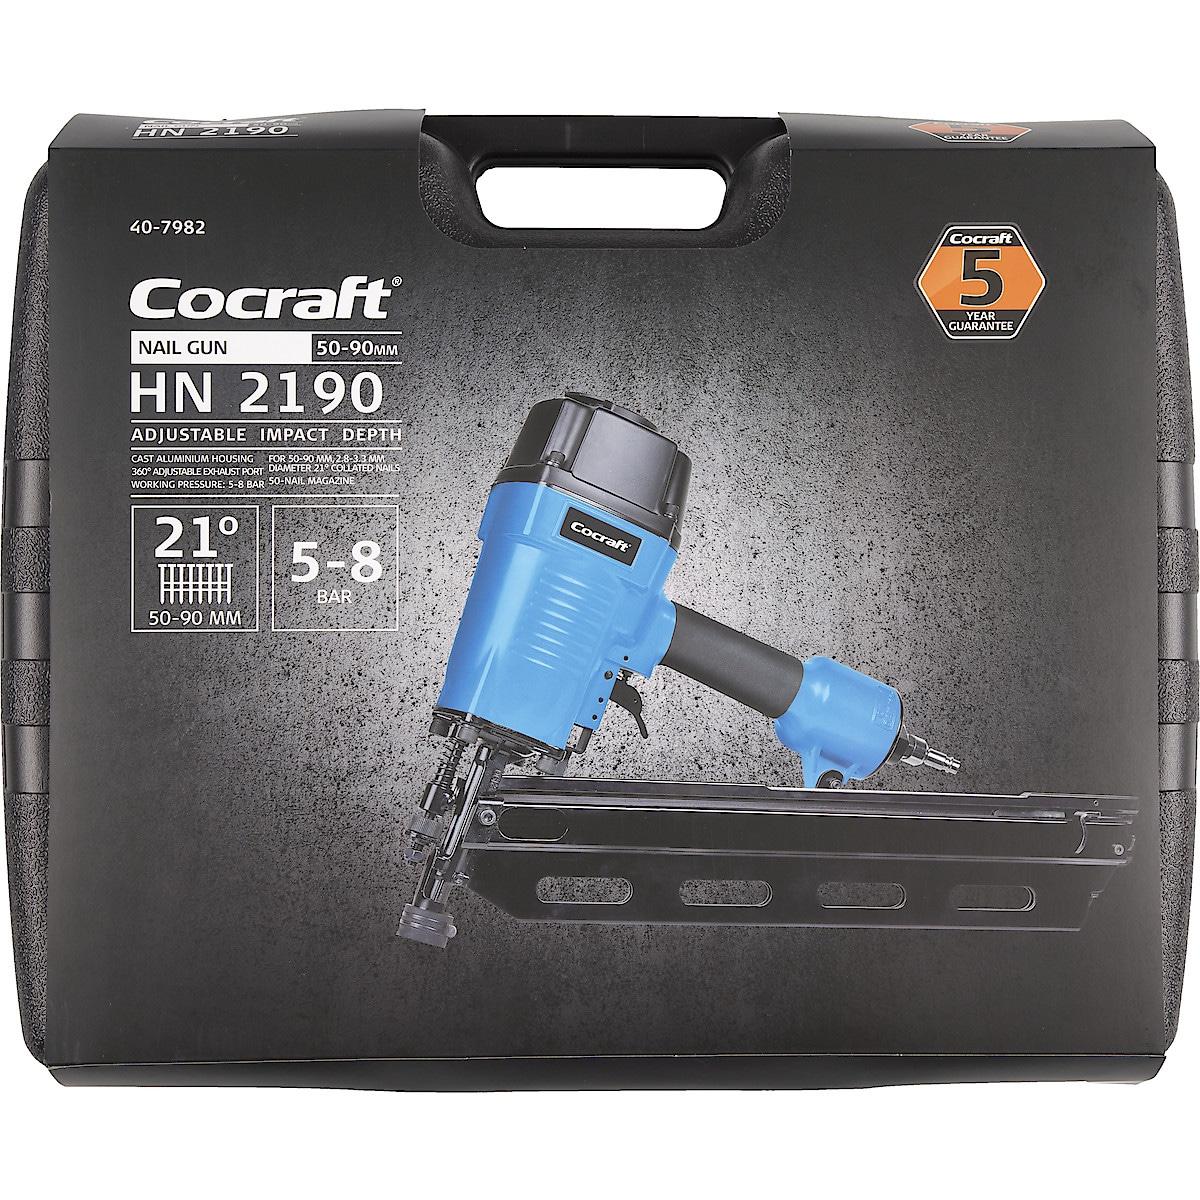 Spikpistol Cocraft HN 2190